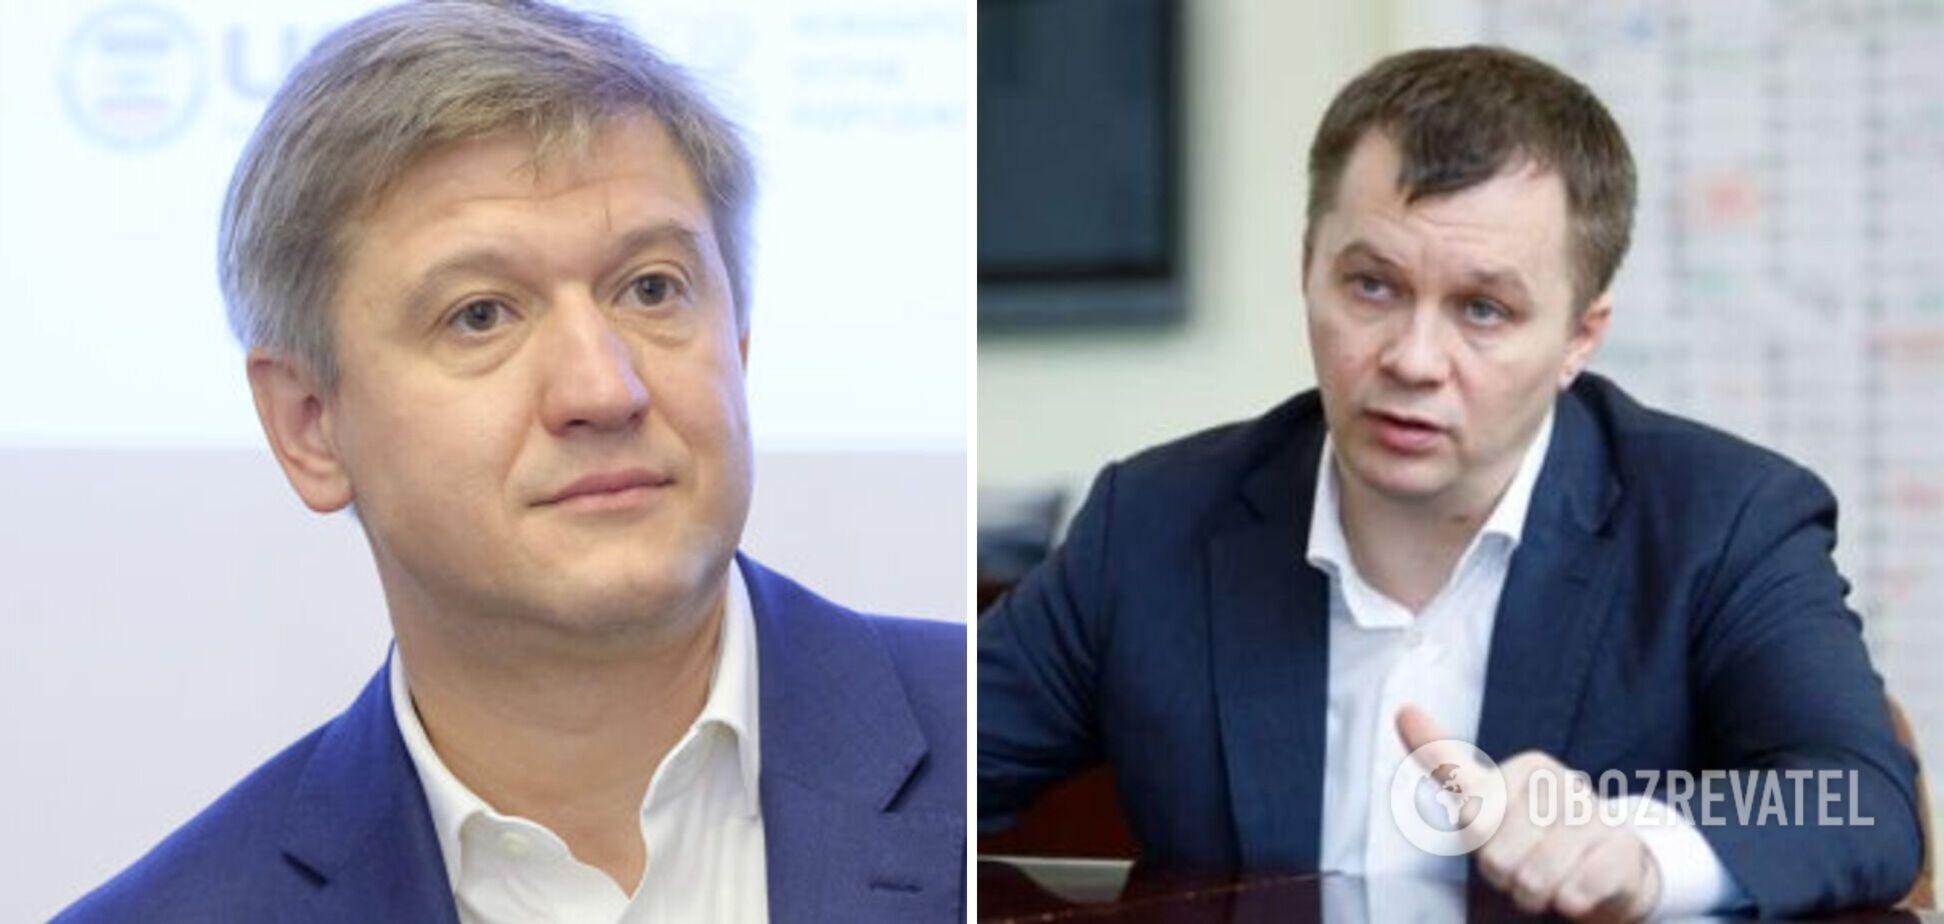 Милованов написал заявление на Данилюка в полицию, тот ответил. Эксклюзивные подробности